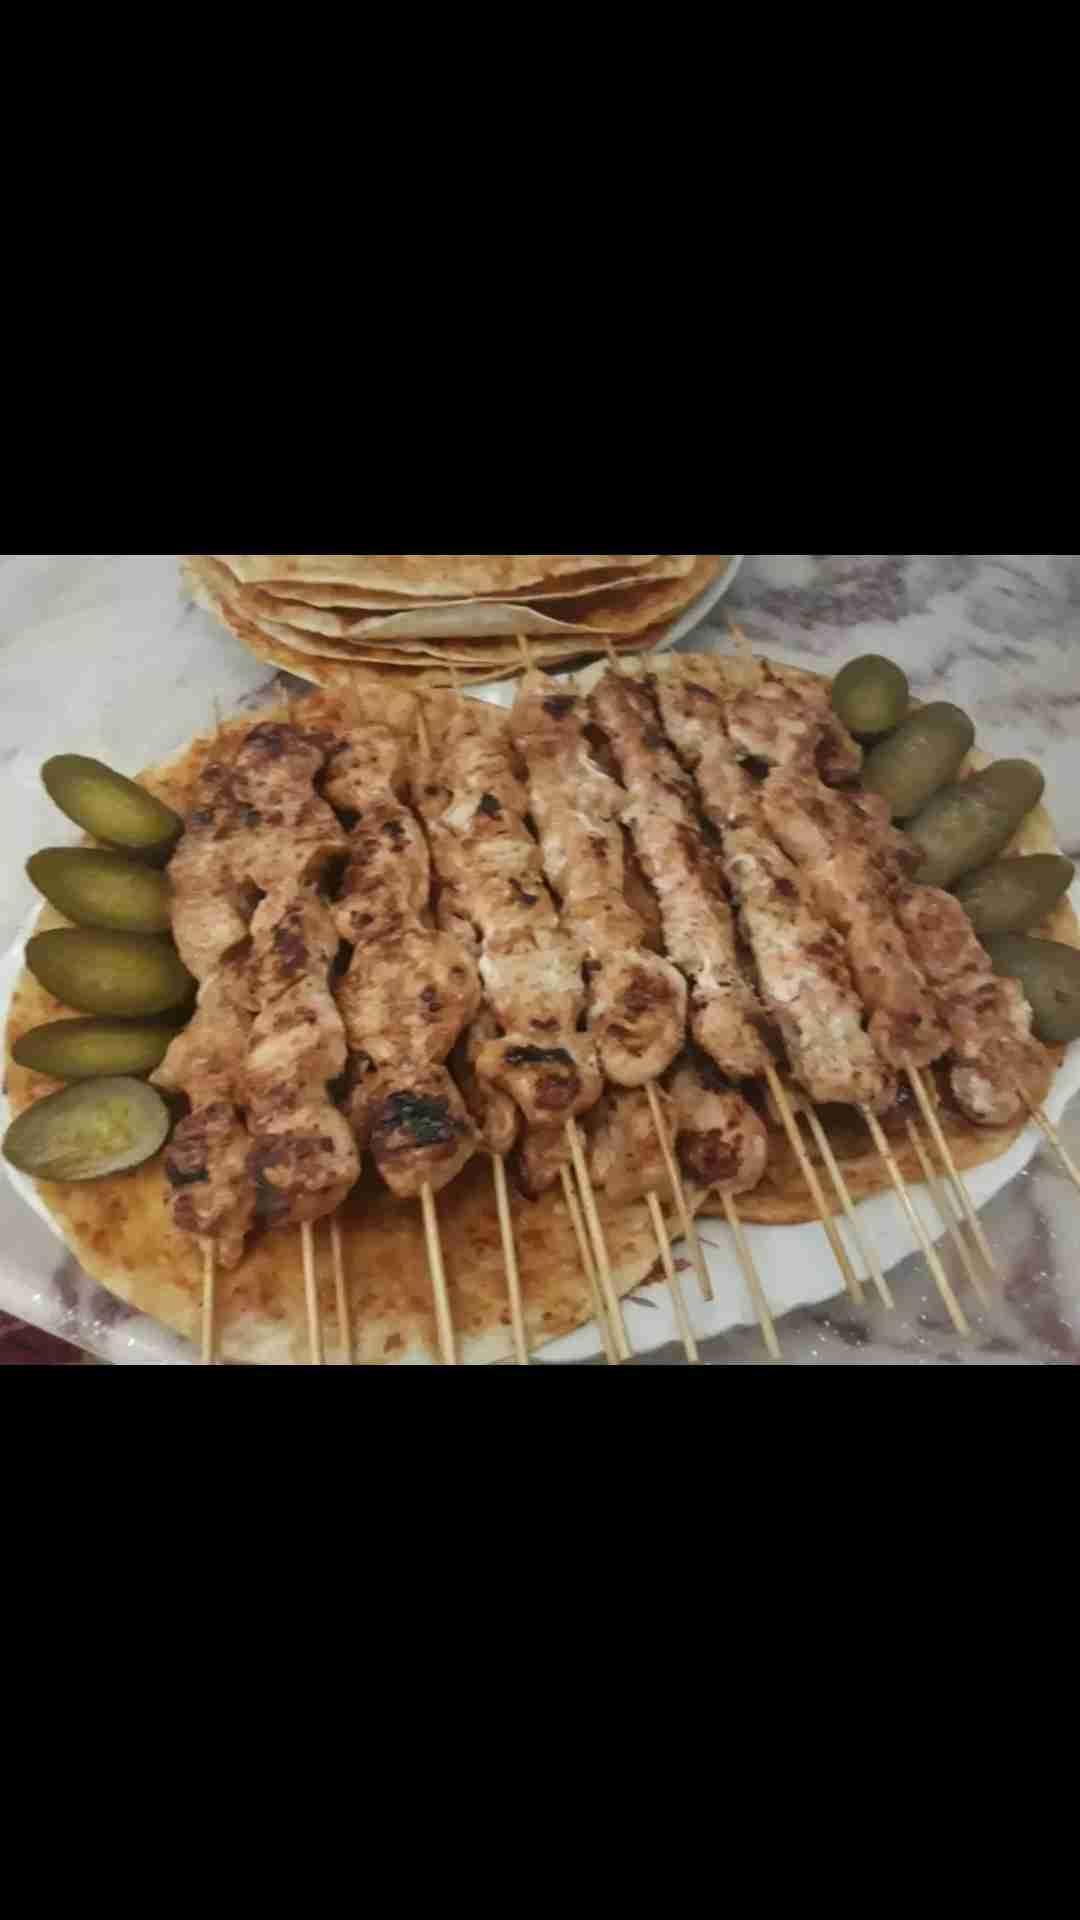 طريقة تتبيل الدجاج المشوي او المقلي ملكة رمضان زاكي Recipe Arabic Food Snacks Recipes